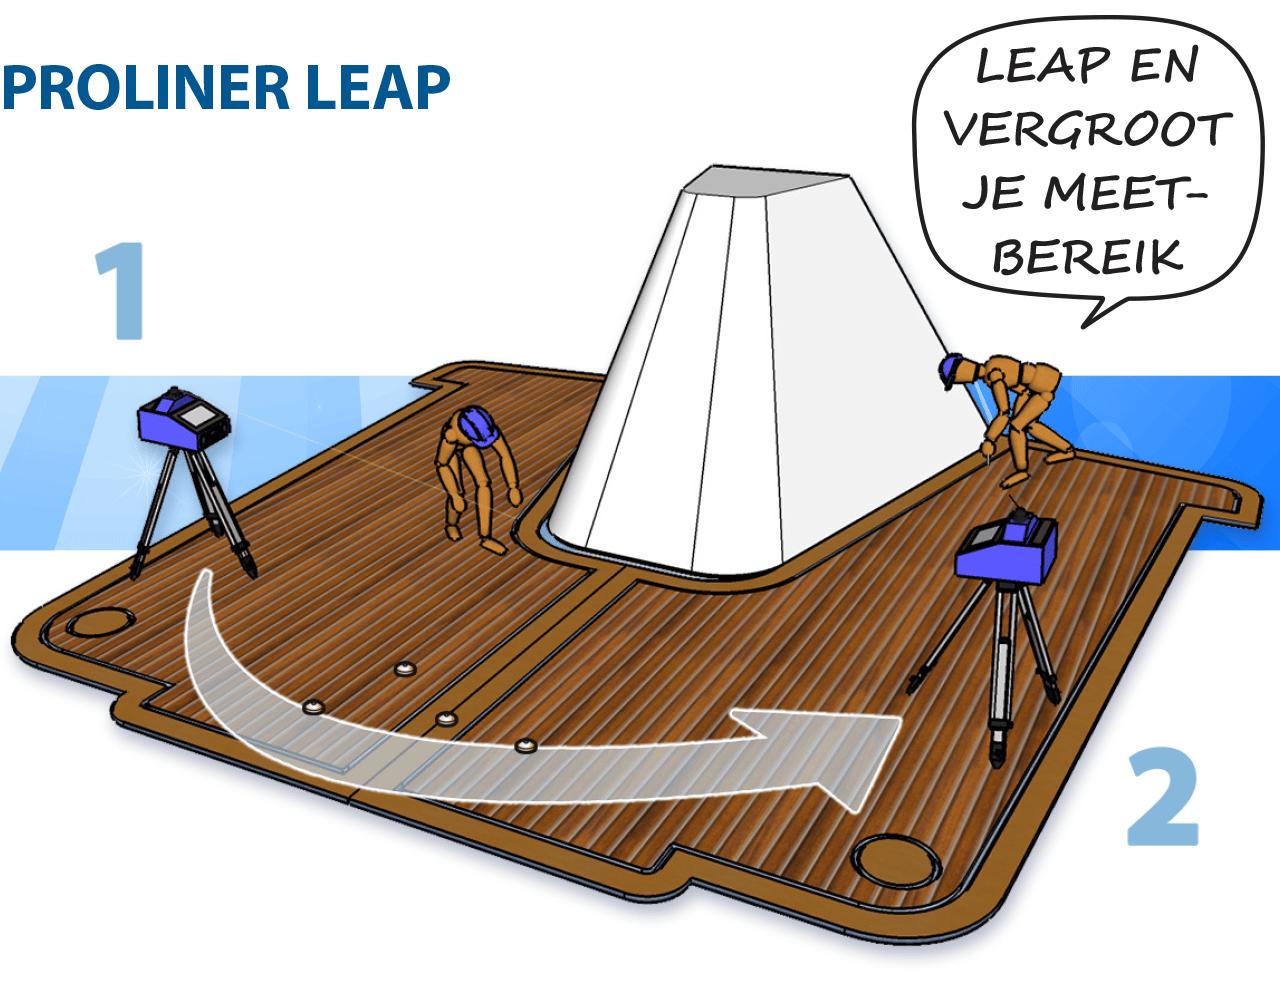 Prodim Proliner Leap functie - Bootdek - Vergroot je meetbereik